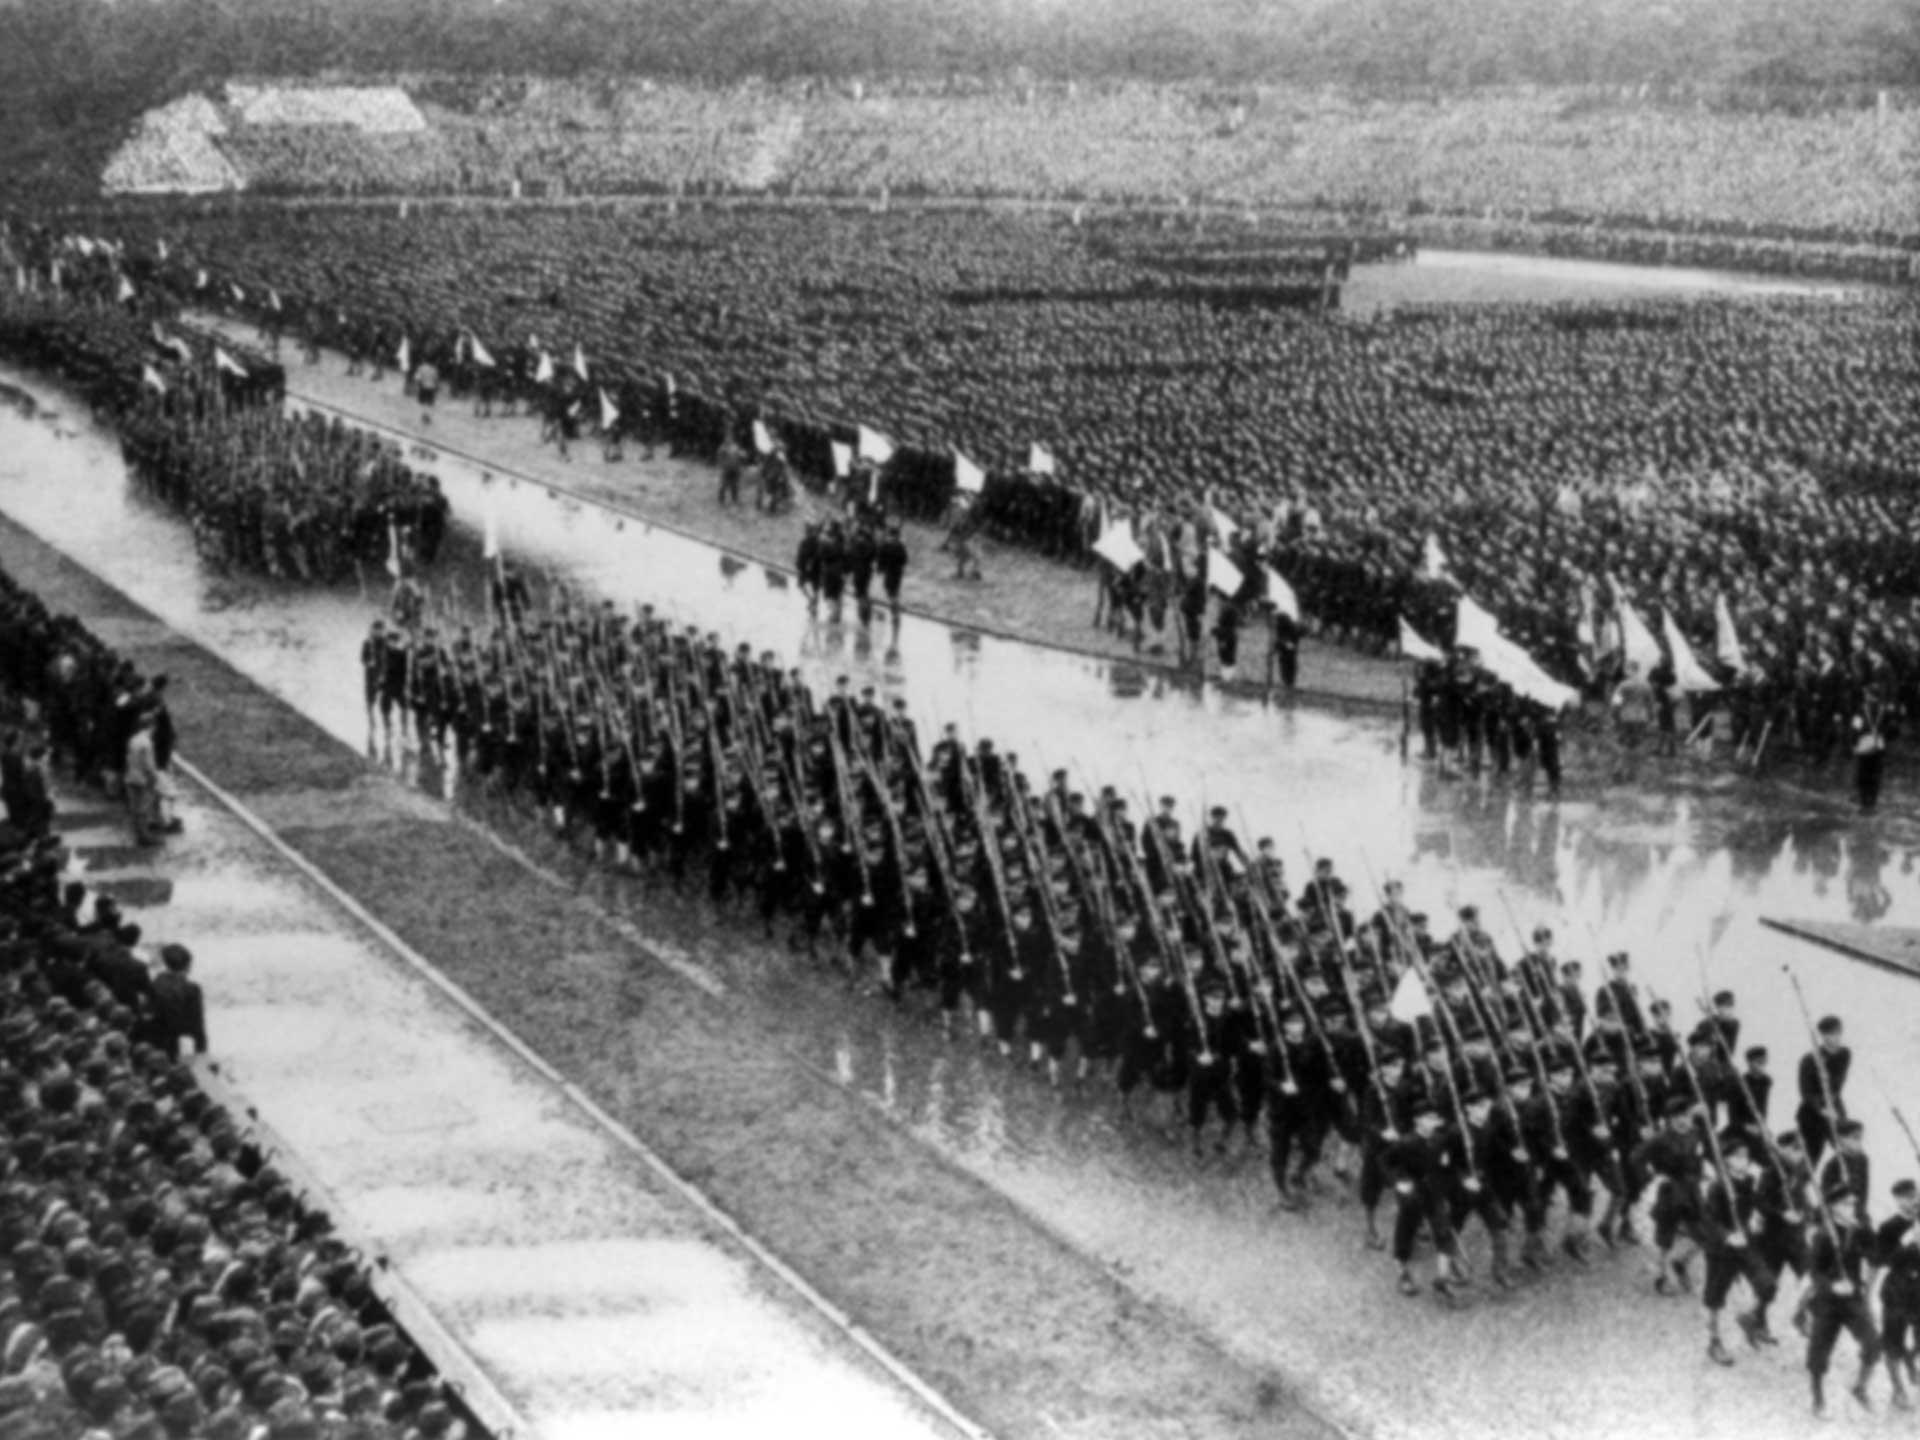 1943年、太平洋戦争中に明治神宮外苑で行われた出陣学徒の壮行会